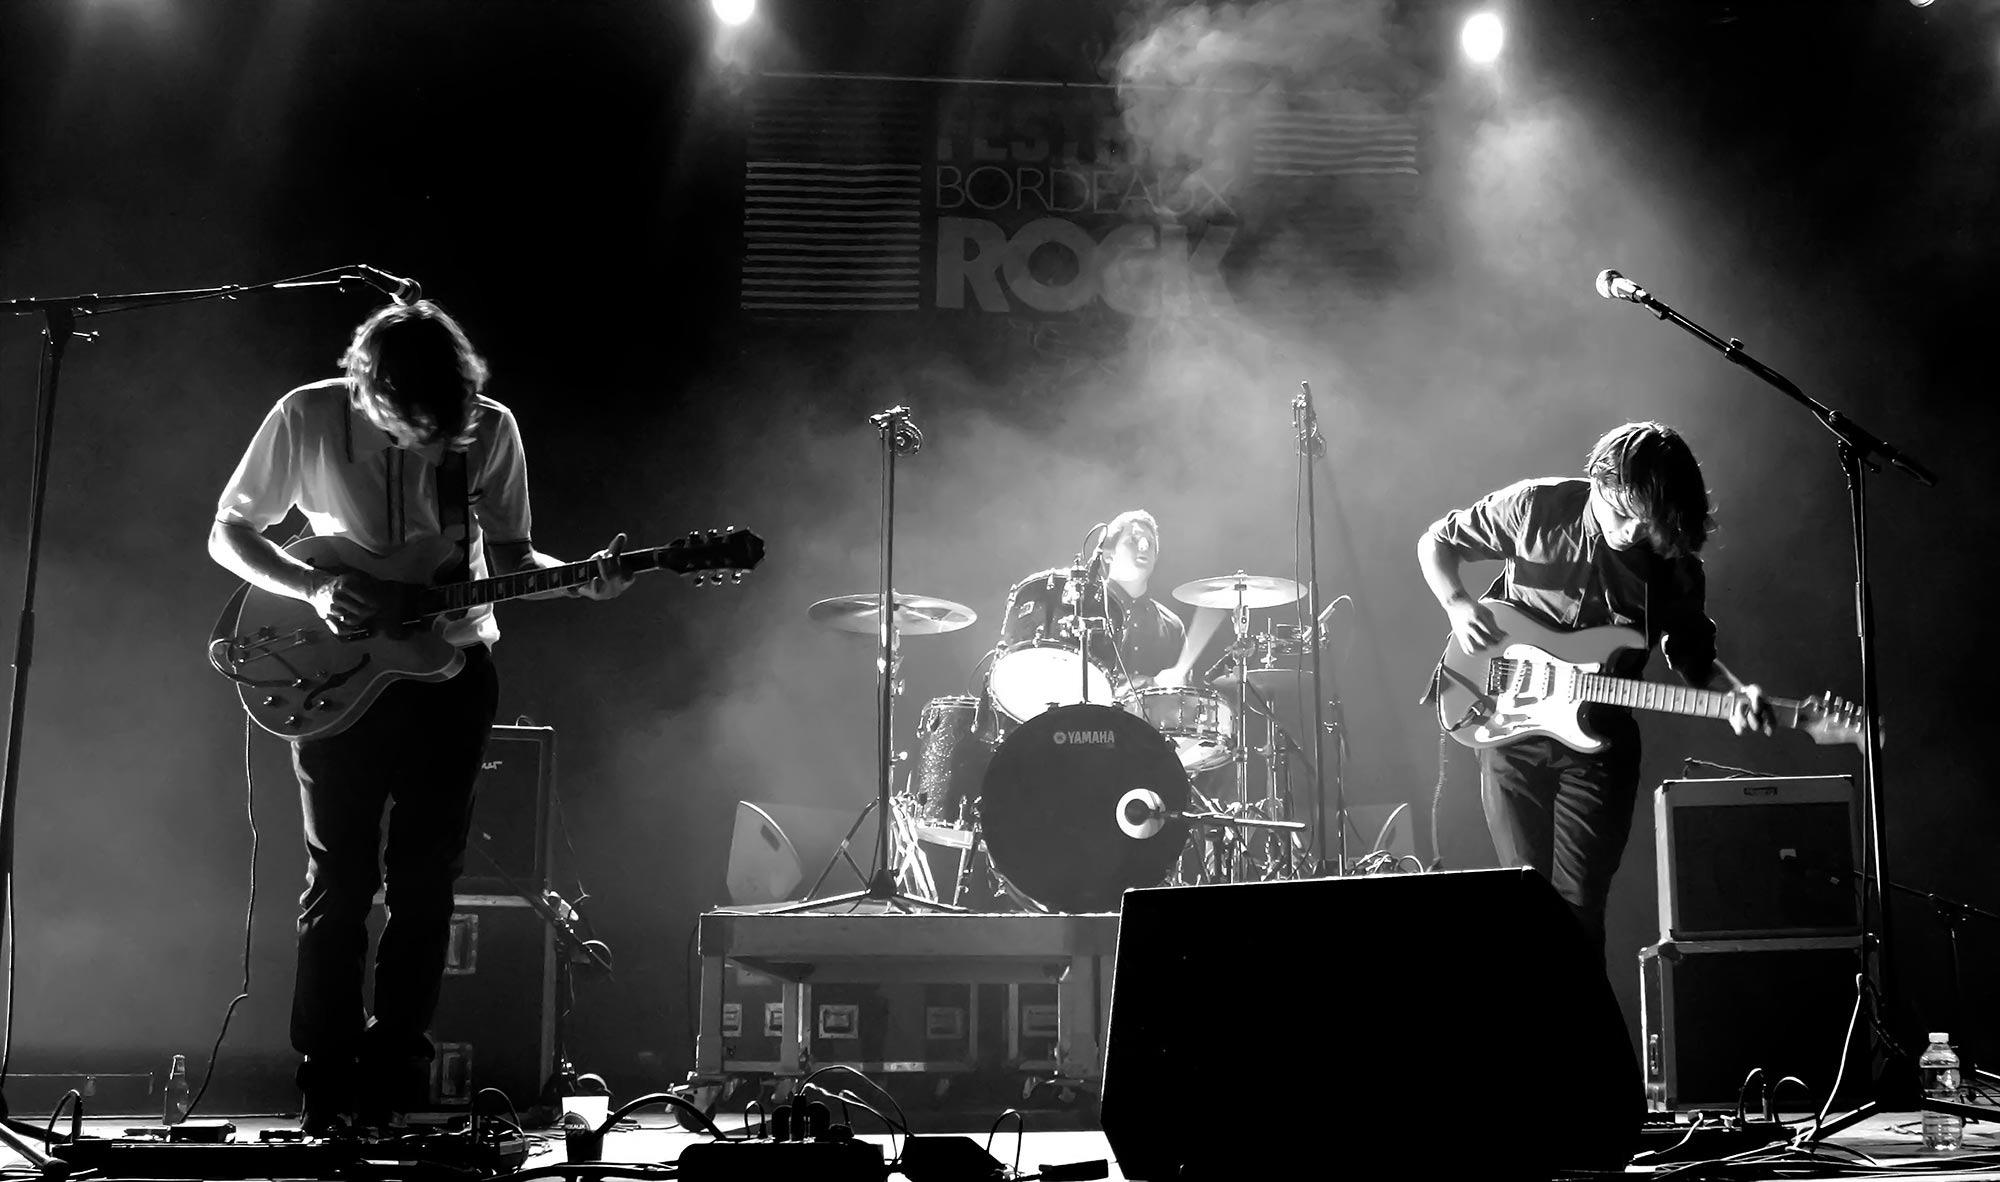 Bordeaux Rock Festival #16